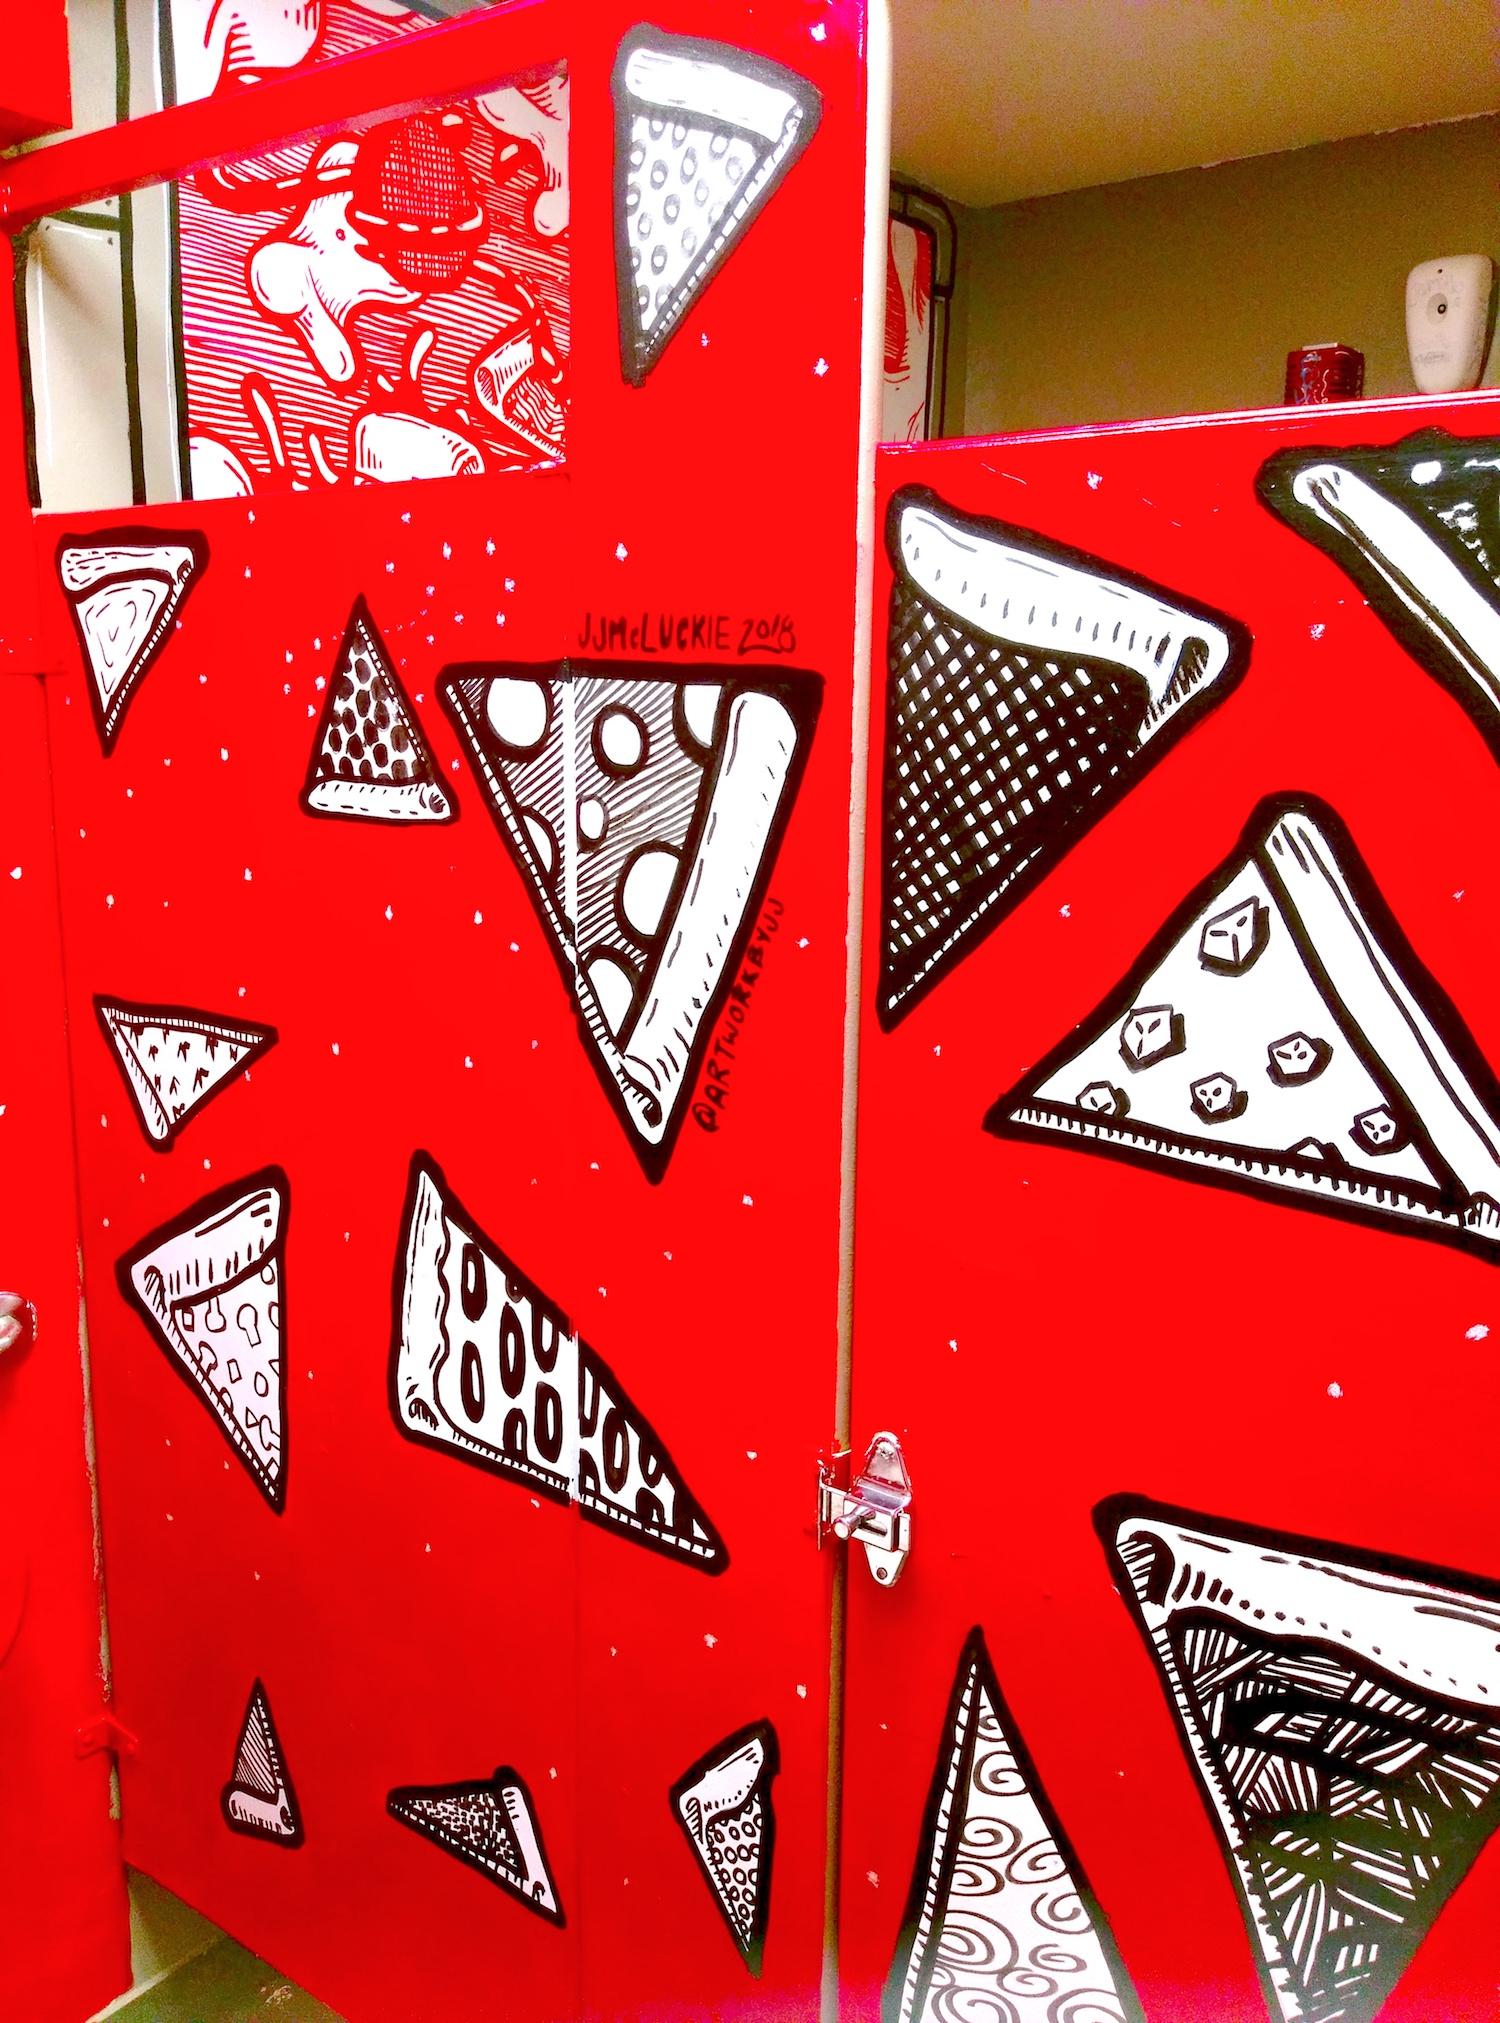 Dimo's Pizza Men's Restroom